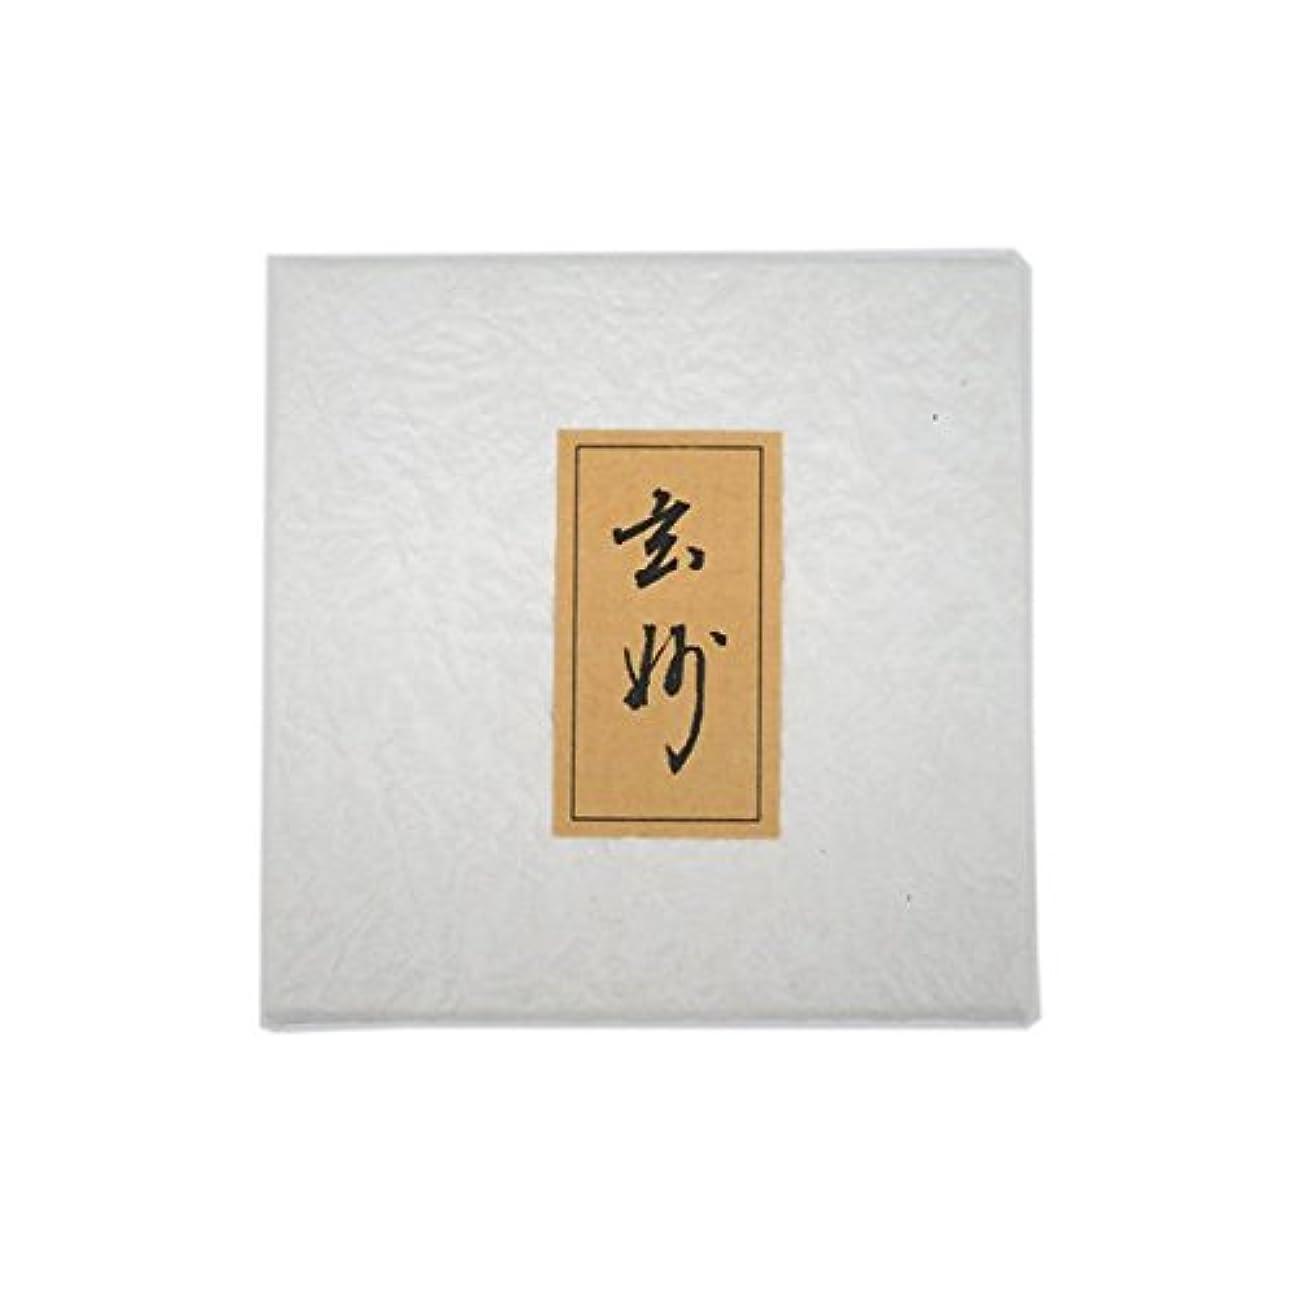 トークントイレマスタード玄妙 紙箱入(壷入)